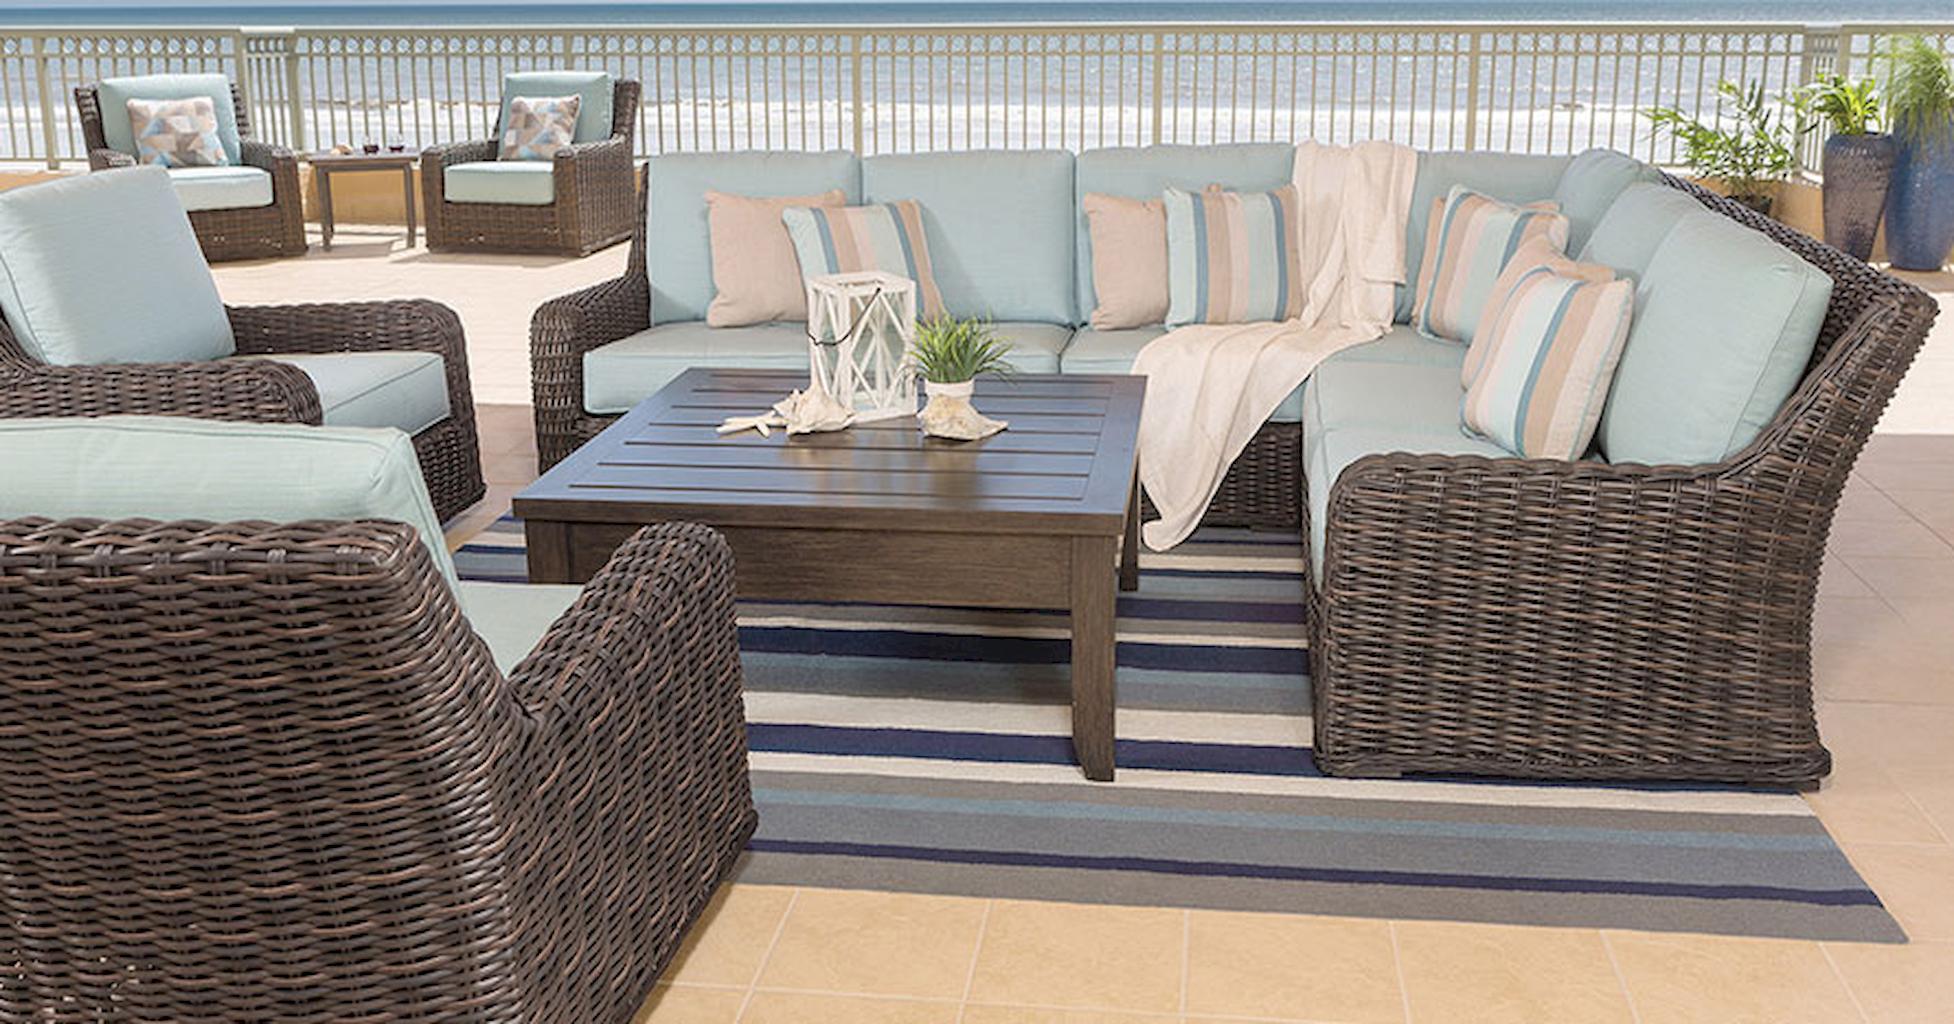 Garden and Patio Furniture Ideas to Create a Cozy Garden